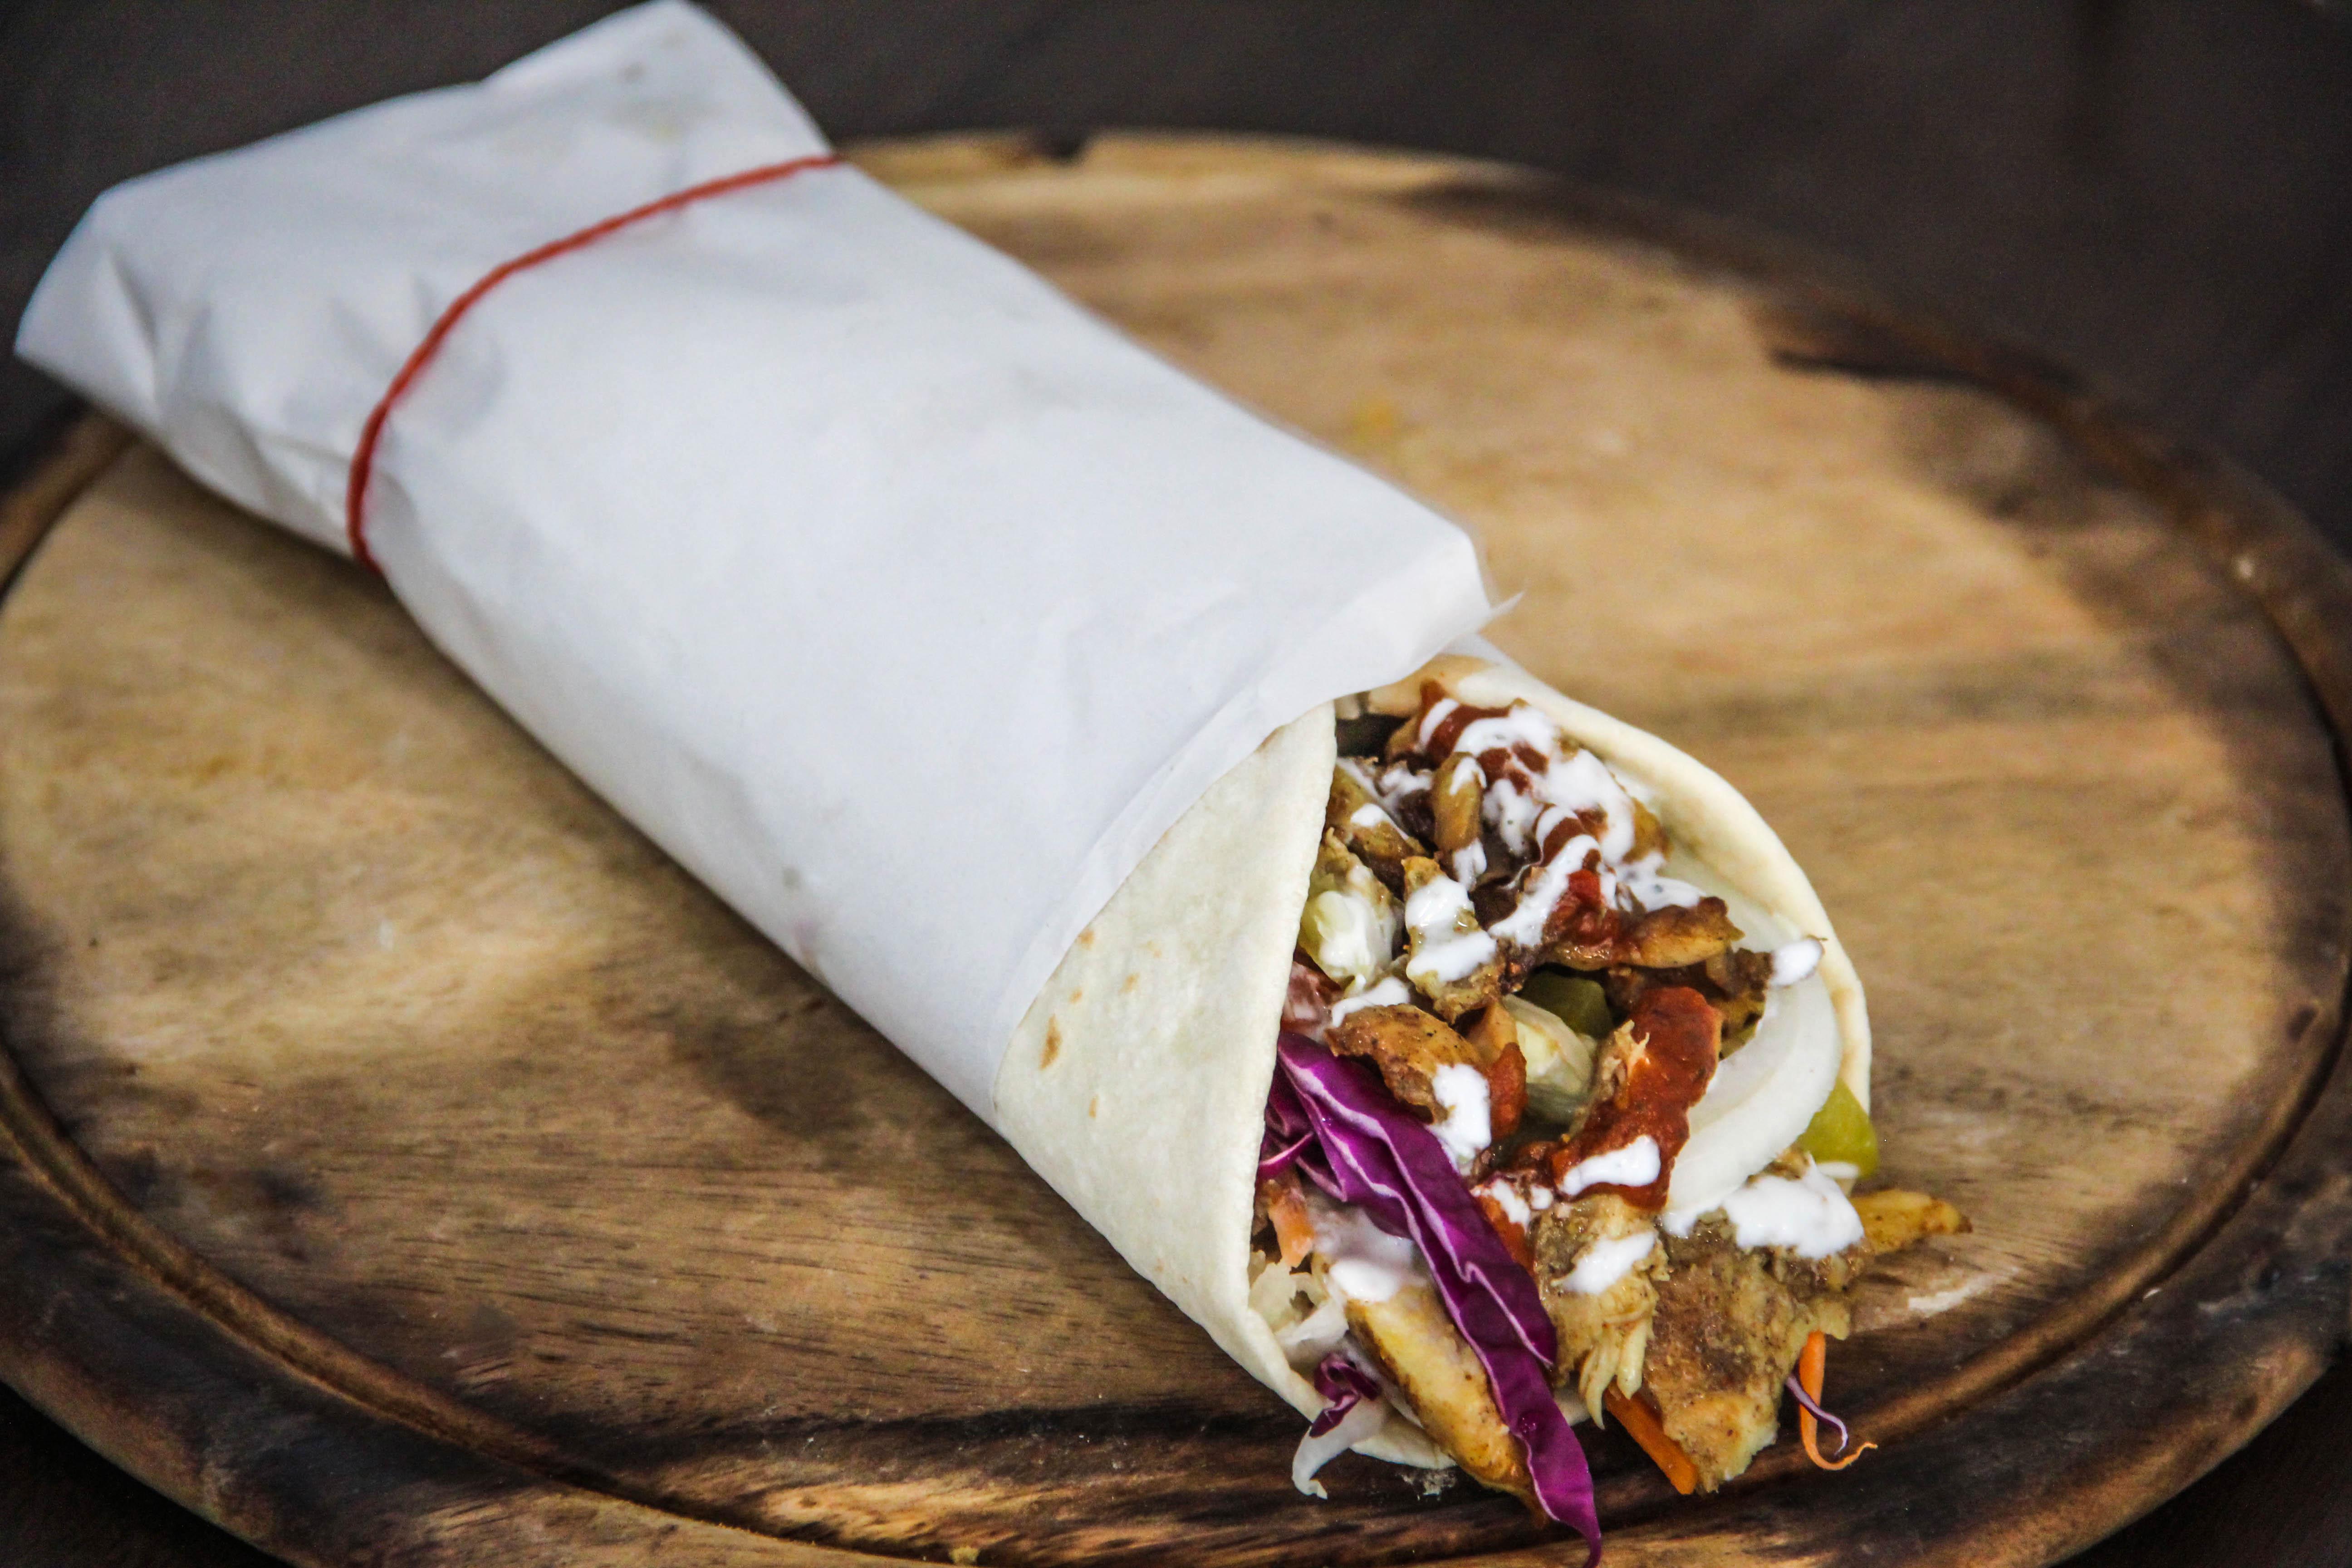 chicken kebab in wrap Xl (shawarma)